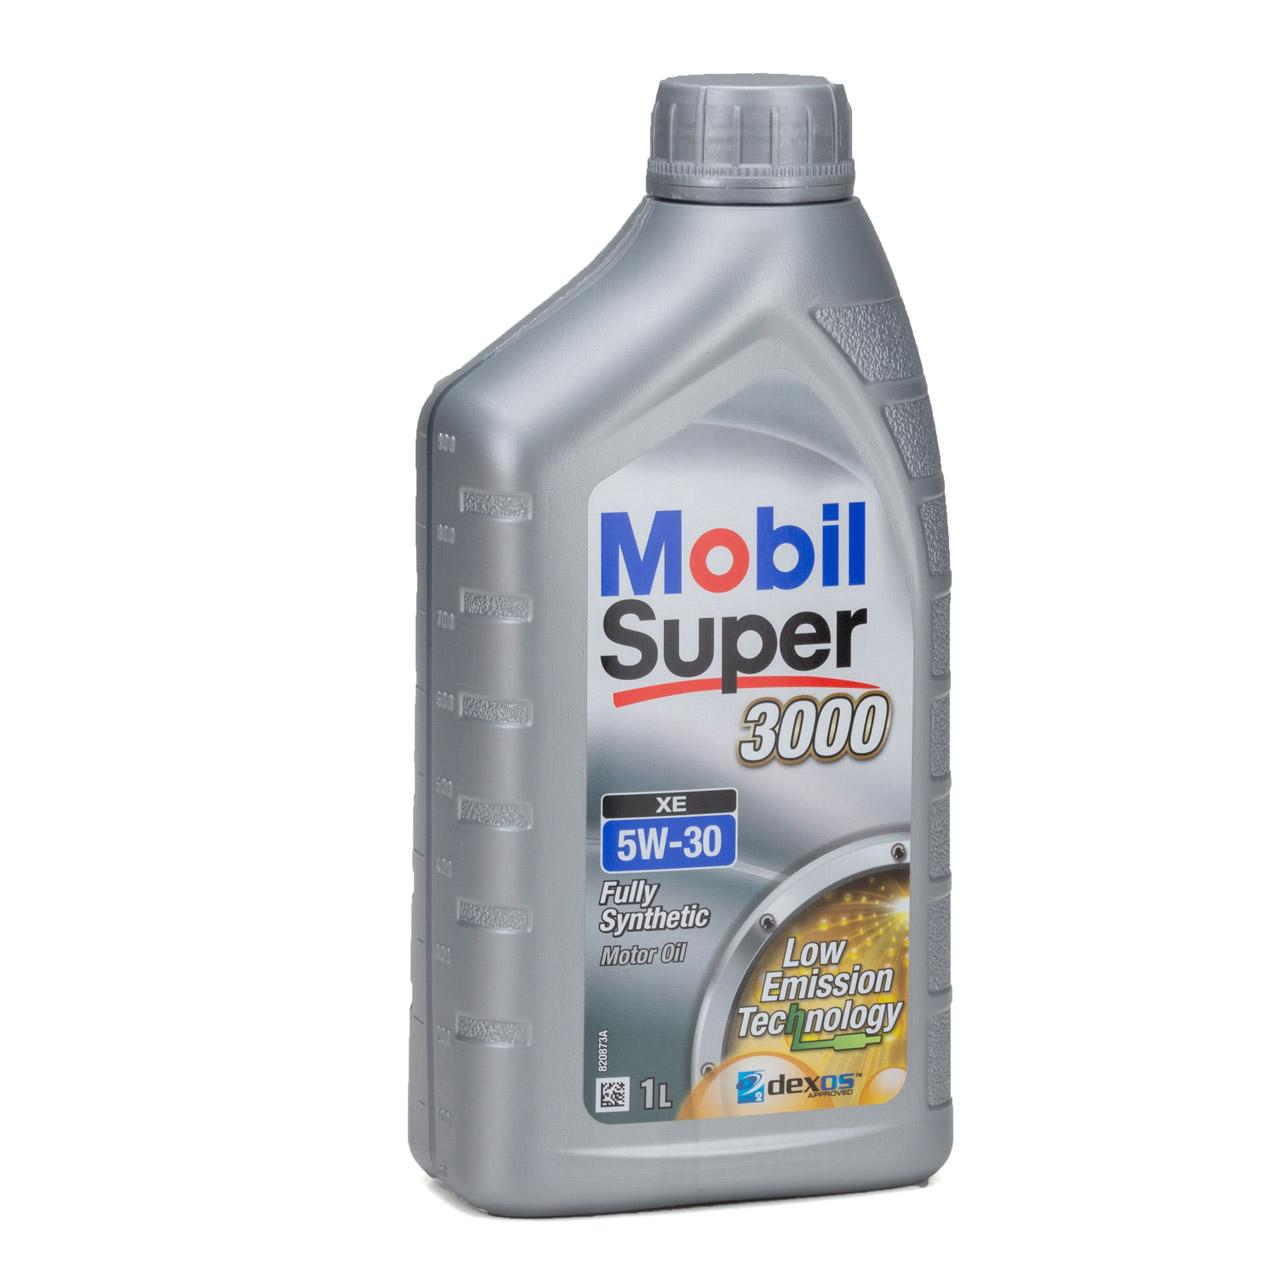 Mobil 3000 SUPER XE Motoröl Öl 5W-30 5W30 dexos2 VW 505.00/505.01 - 6L 6 Liter